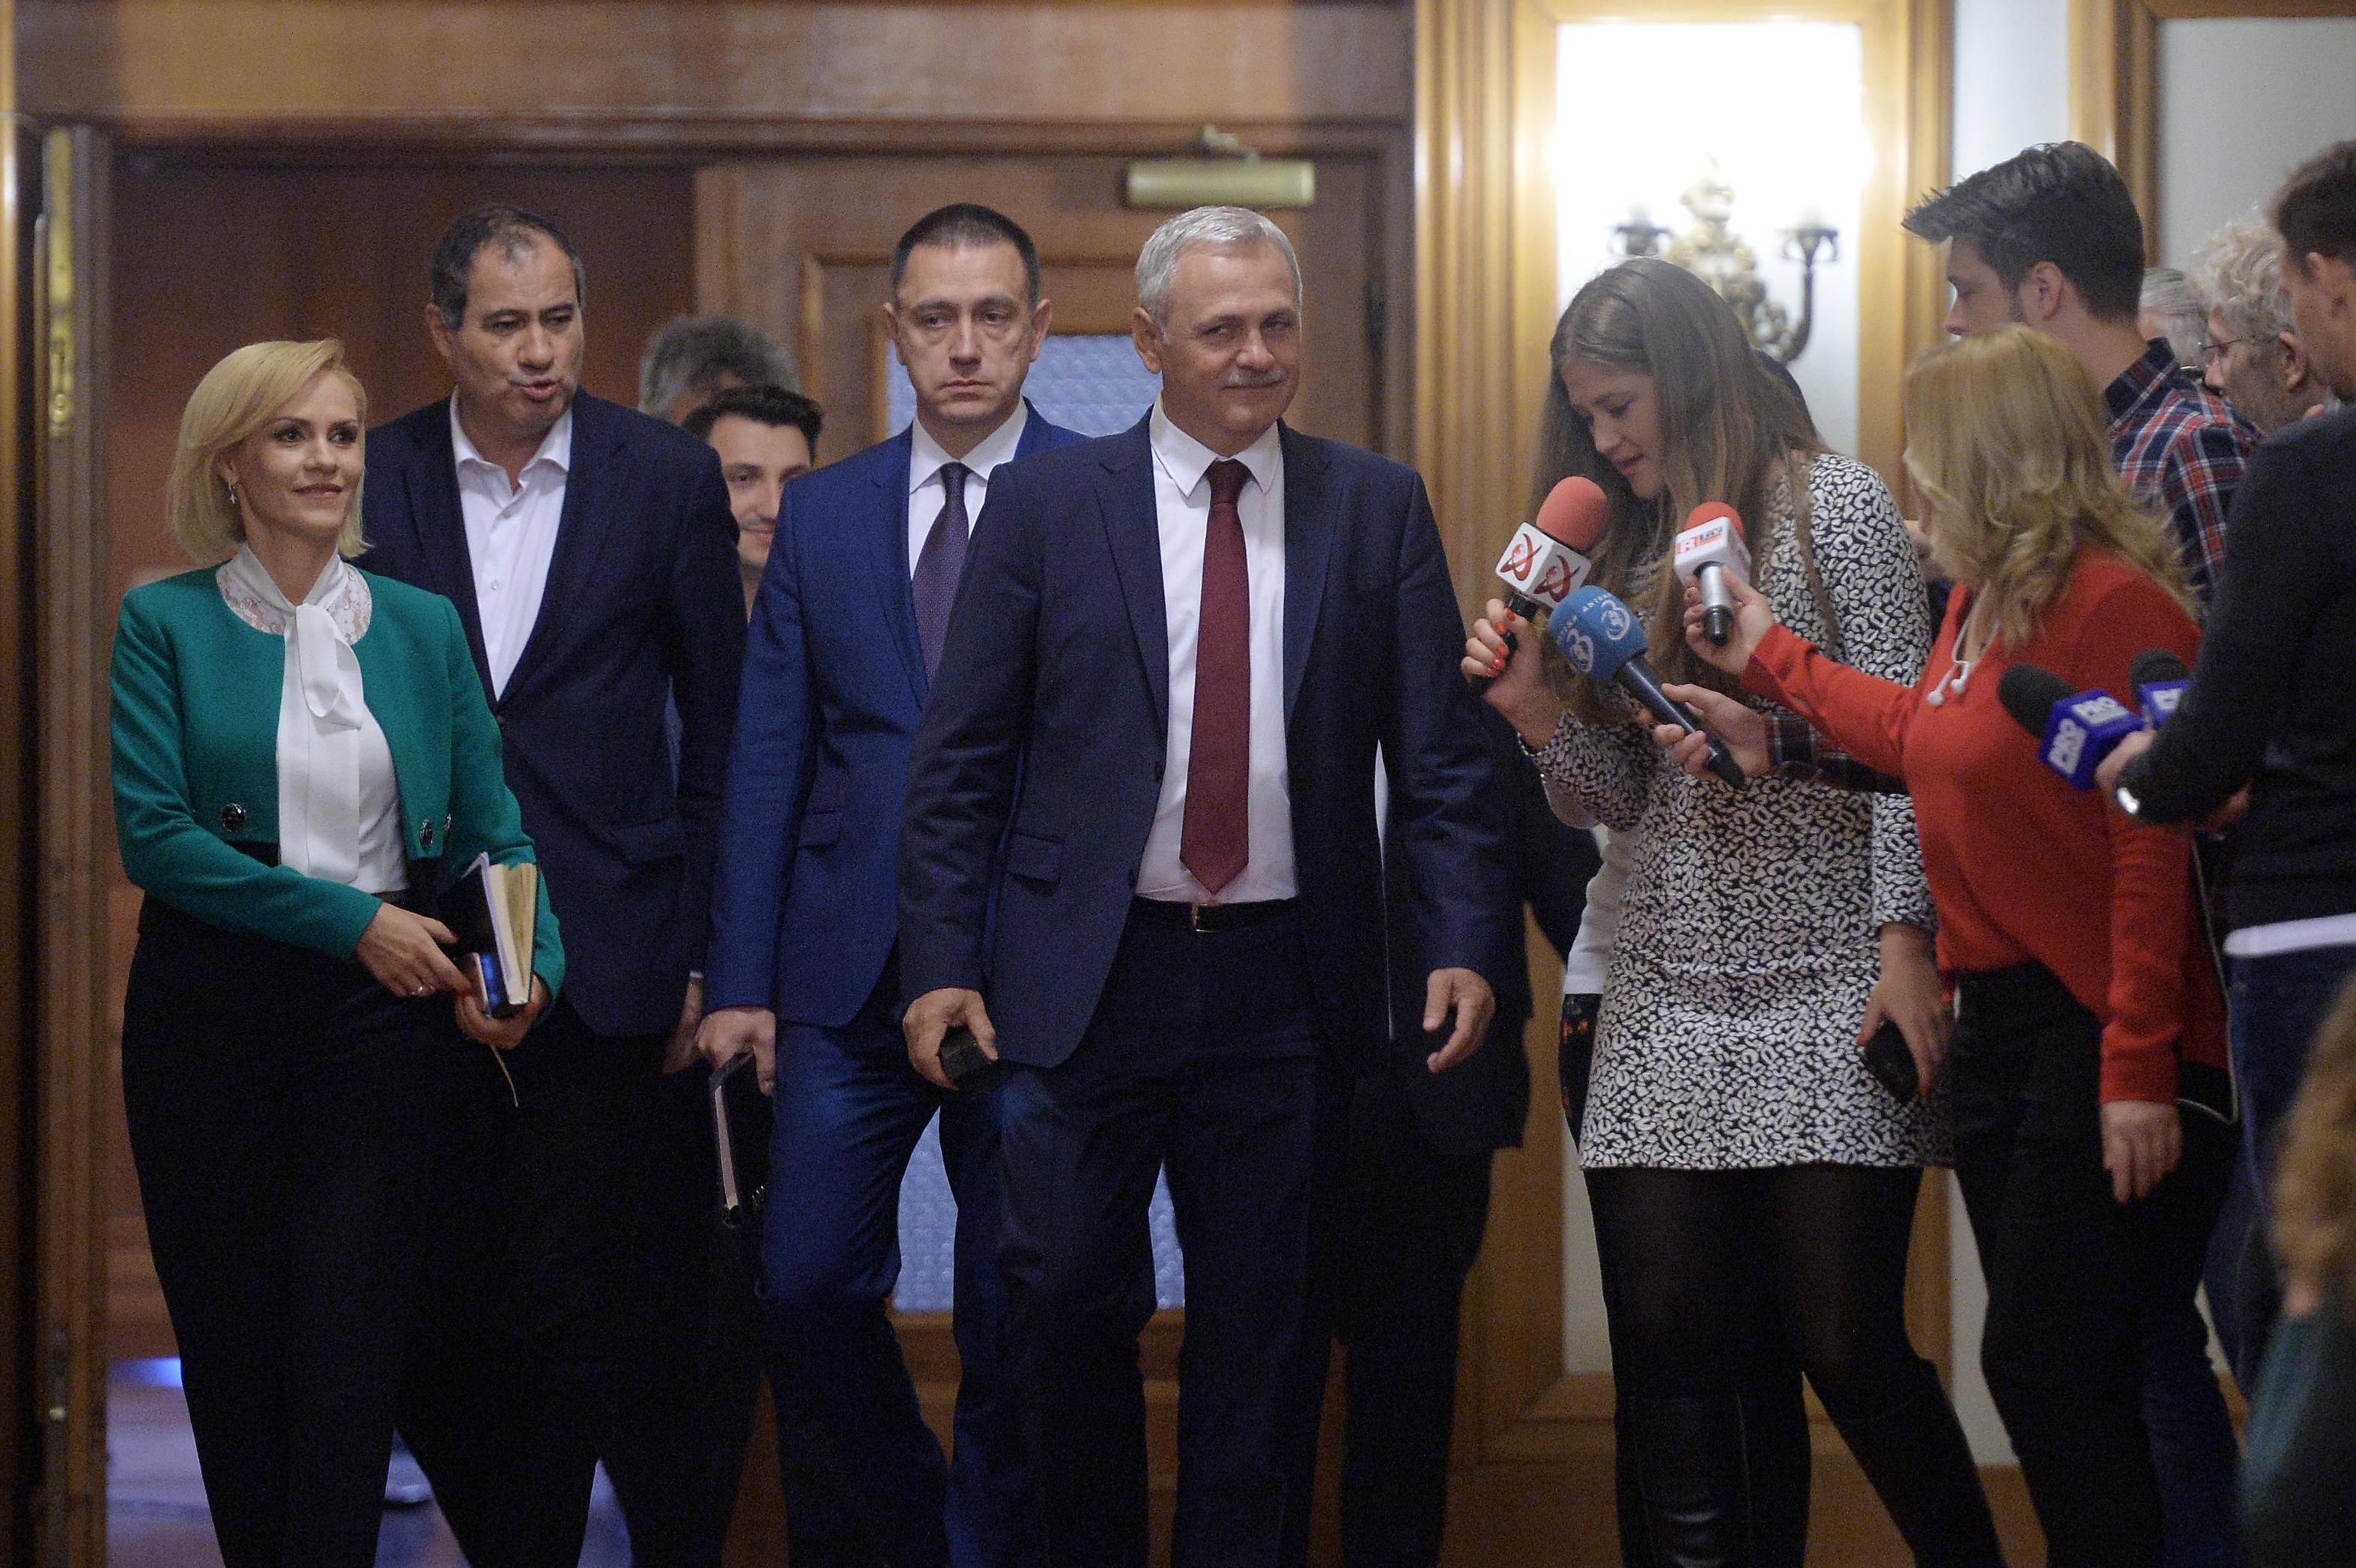 Fifor, liderul senatorilor PSD: Moţiunea de cenzură va trece miercuri, iar Iohannis va numi premier de la PSD-ALDE